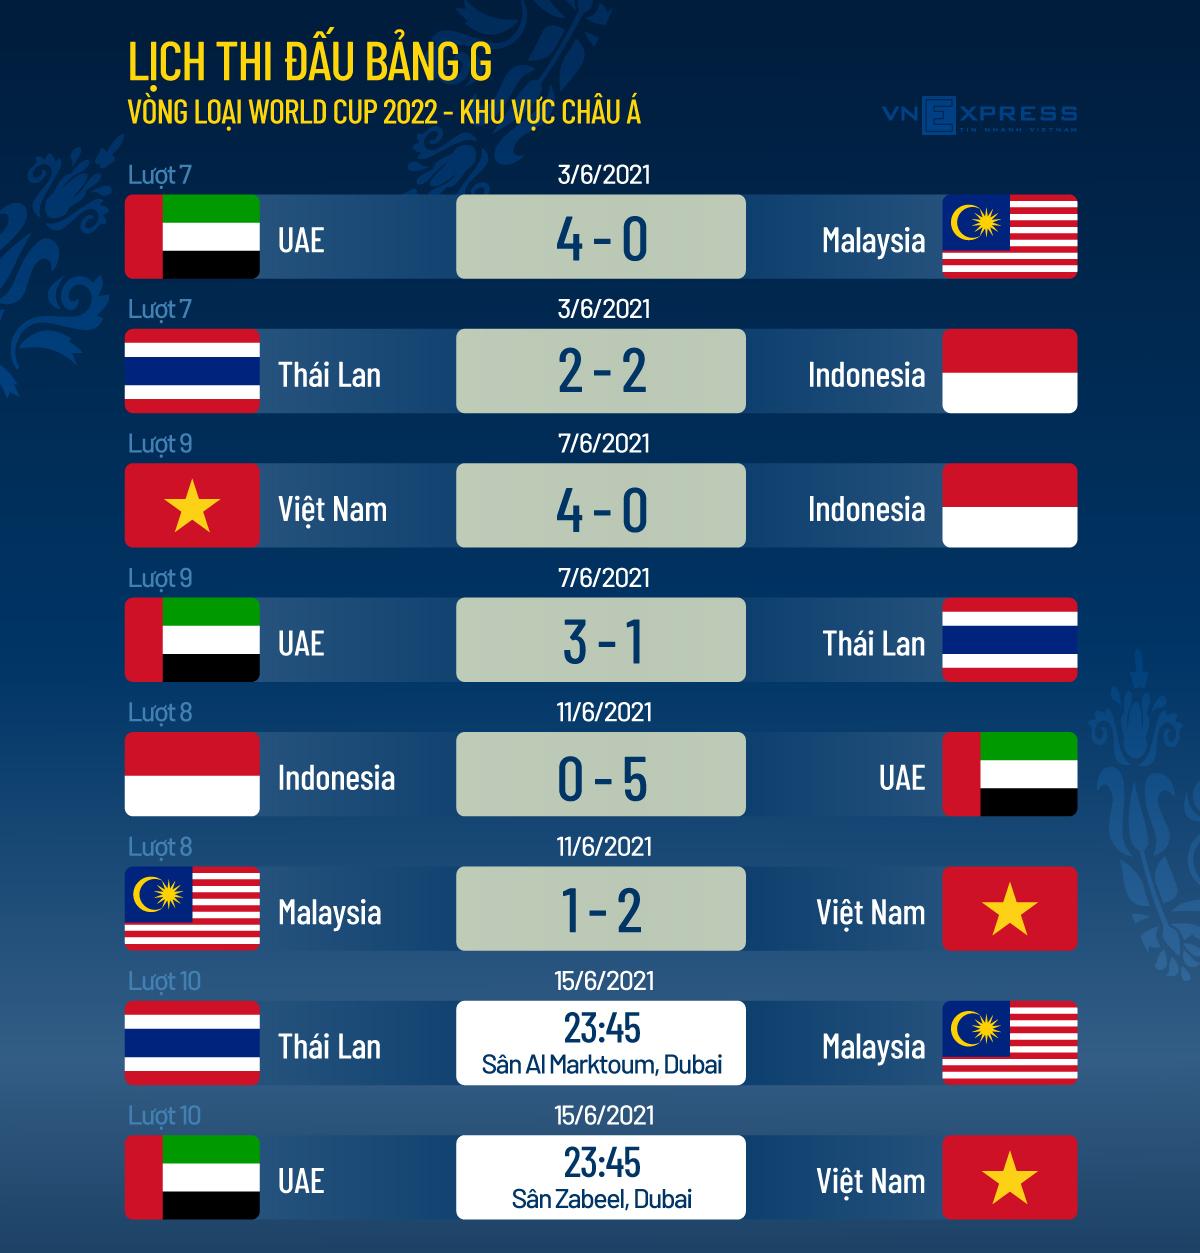 Coach Park ถูกห้ามไม่ให้ติดต่อกับทีมในการแข่งขัน UAE - 2